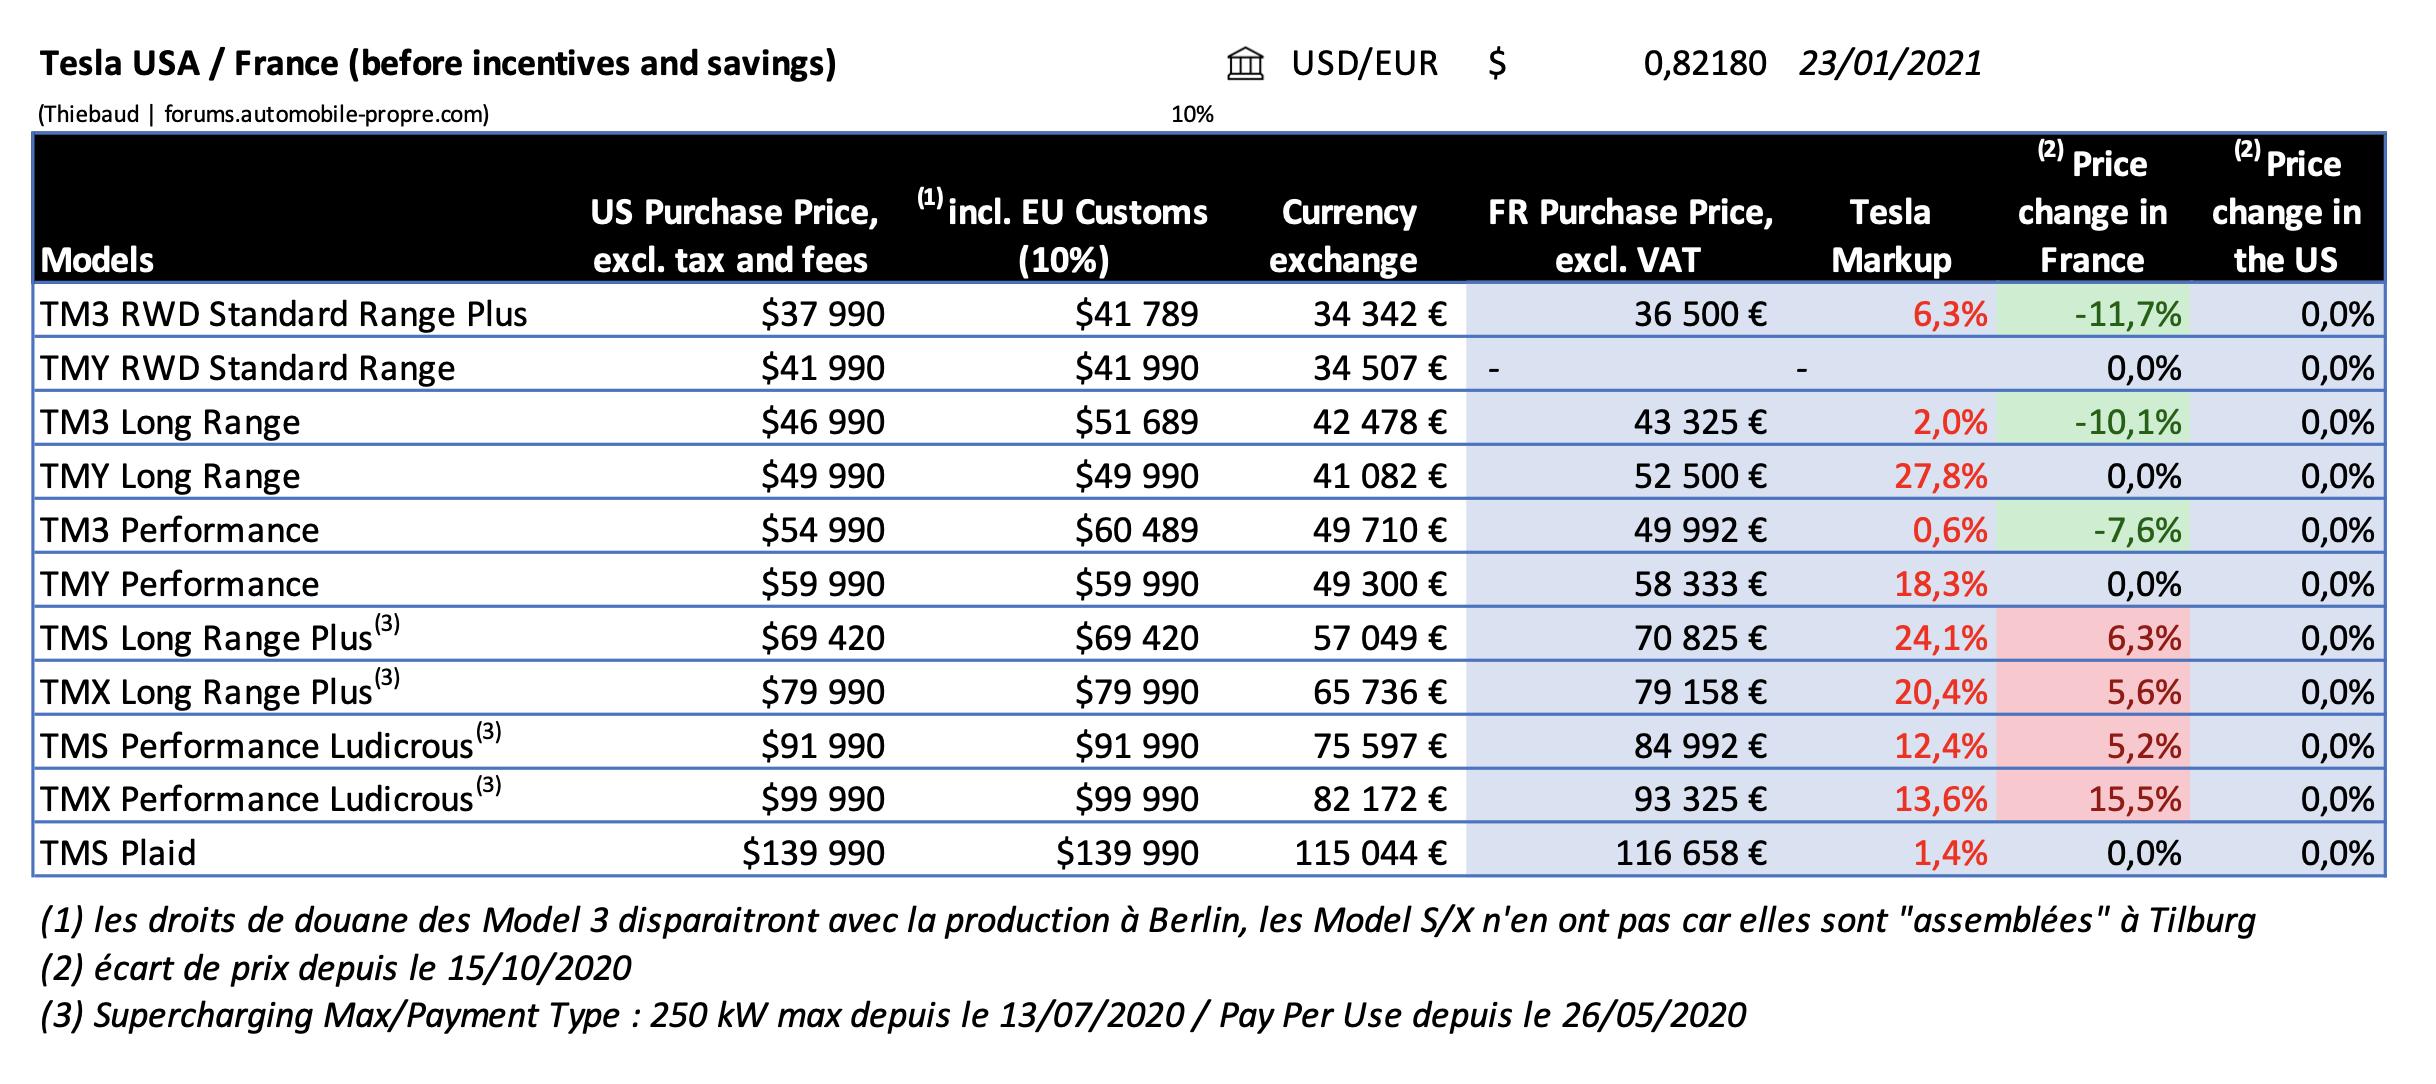 20210123-Tesla-France-USA-pricing-compar